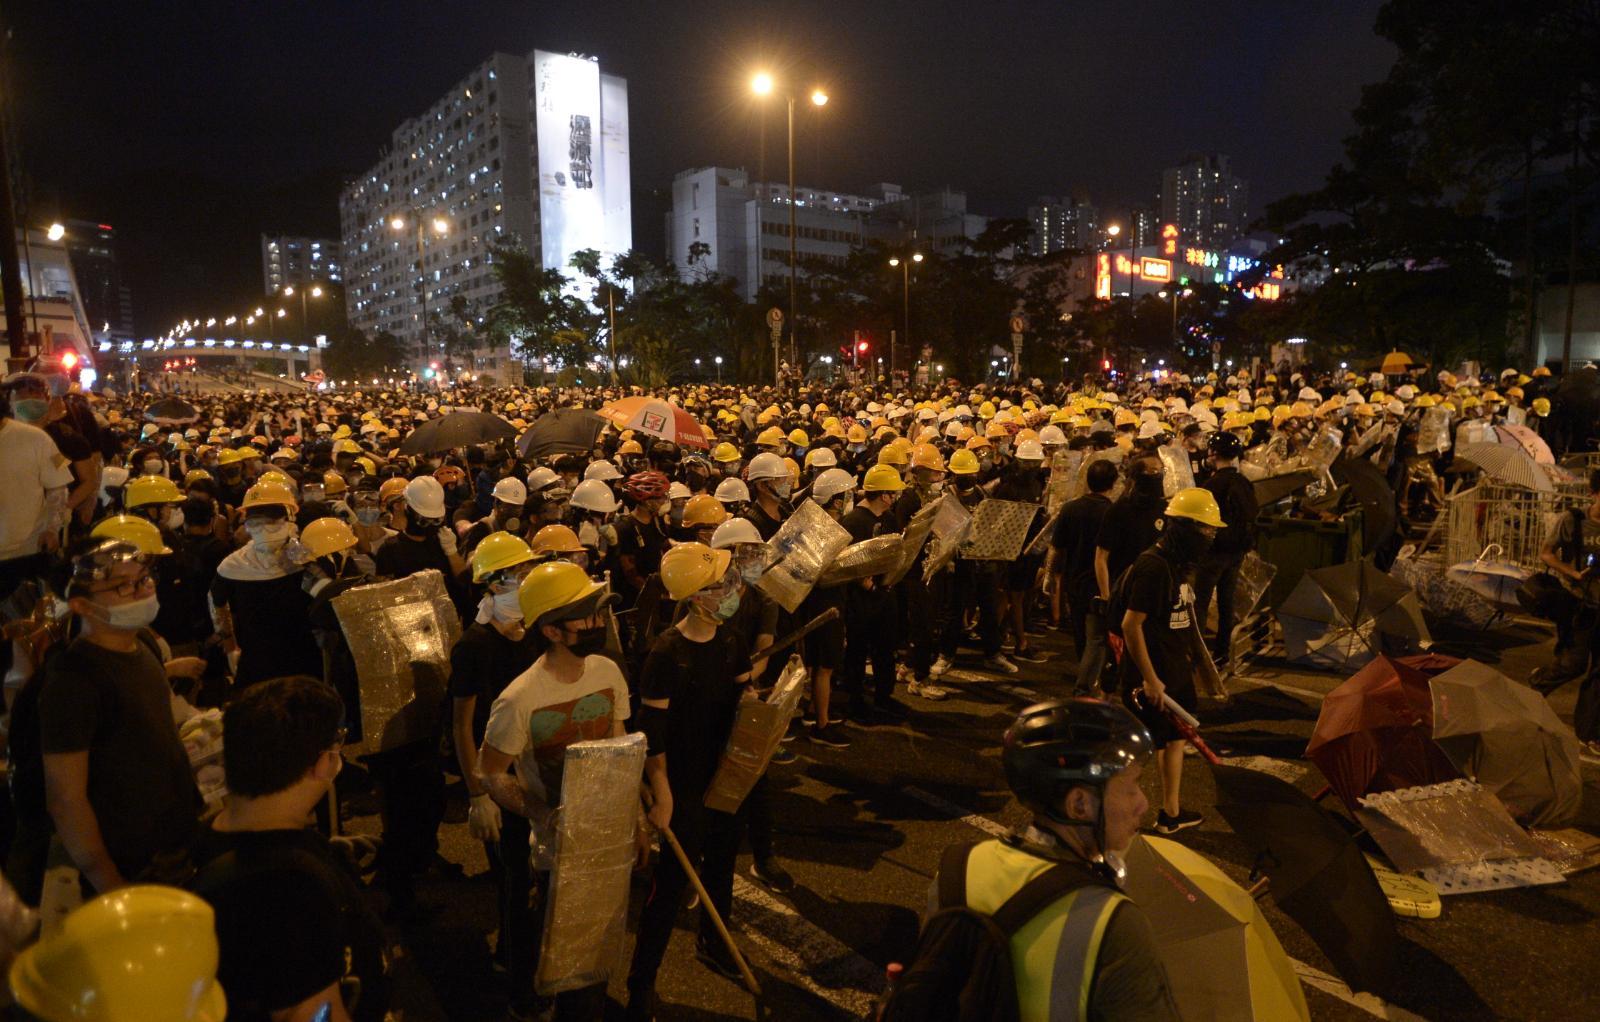 大批示威者在源禾路及沙田鄉事會路交界的十字路口聚集